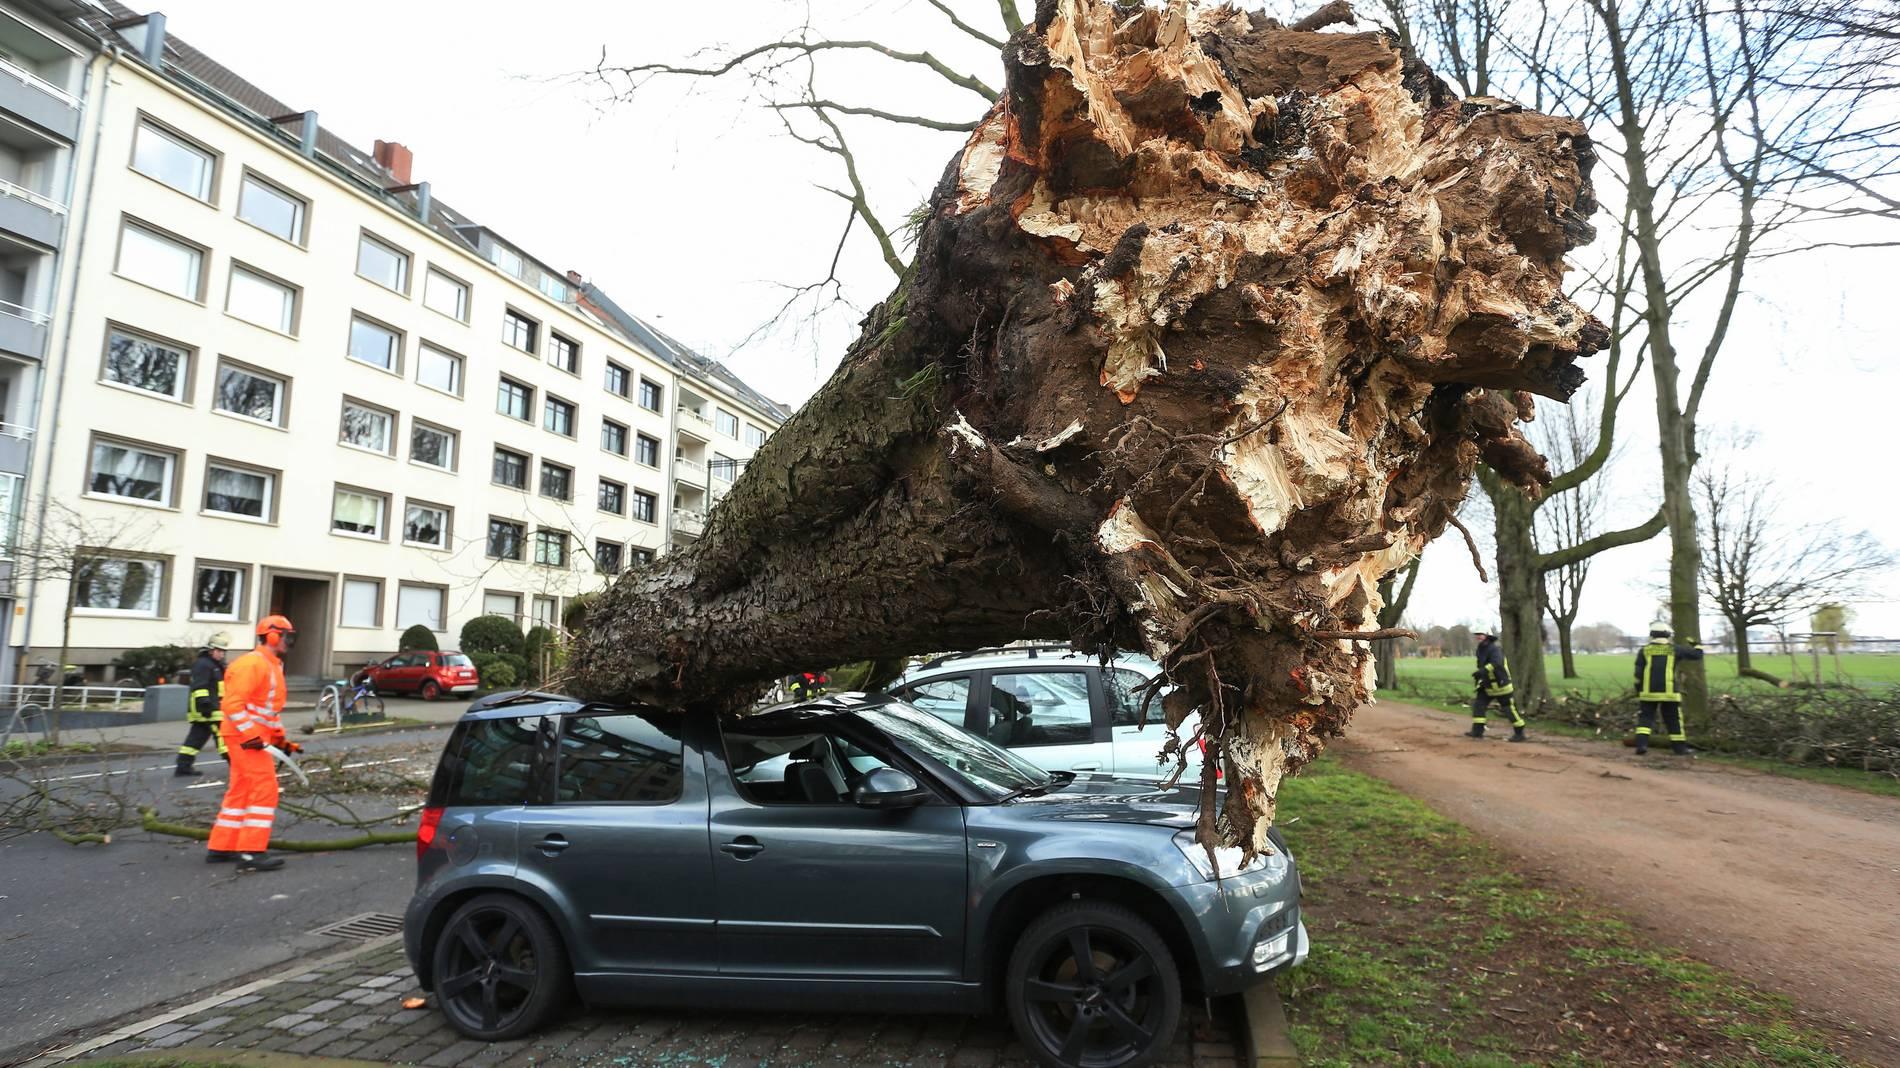 Происшествия: В Германии бушует ураган Эберхард: хаос на дорогах и первые жертвы рис 4